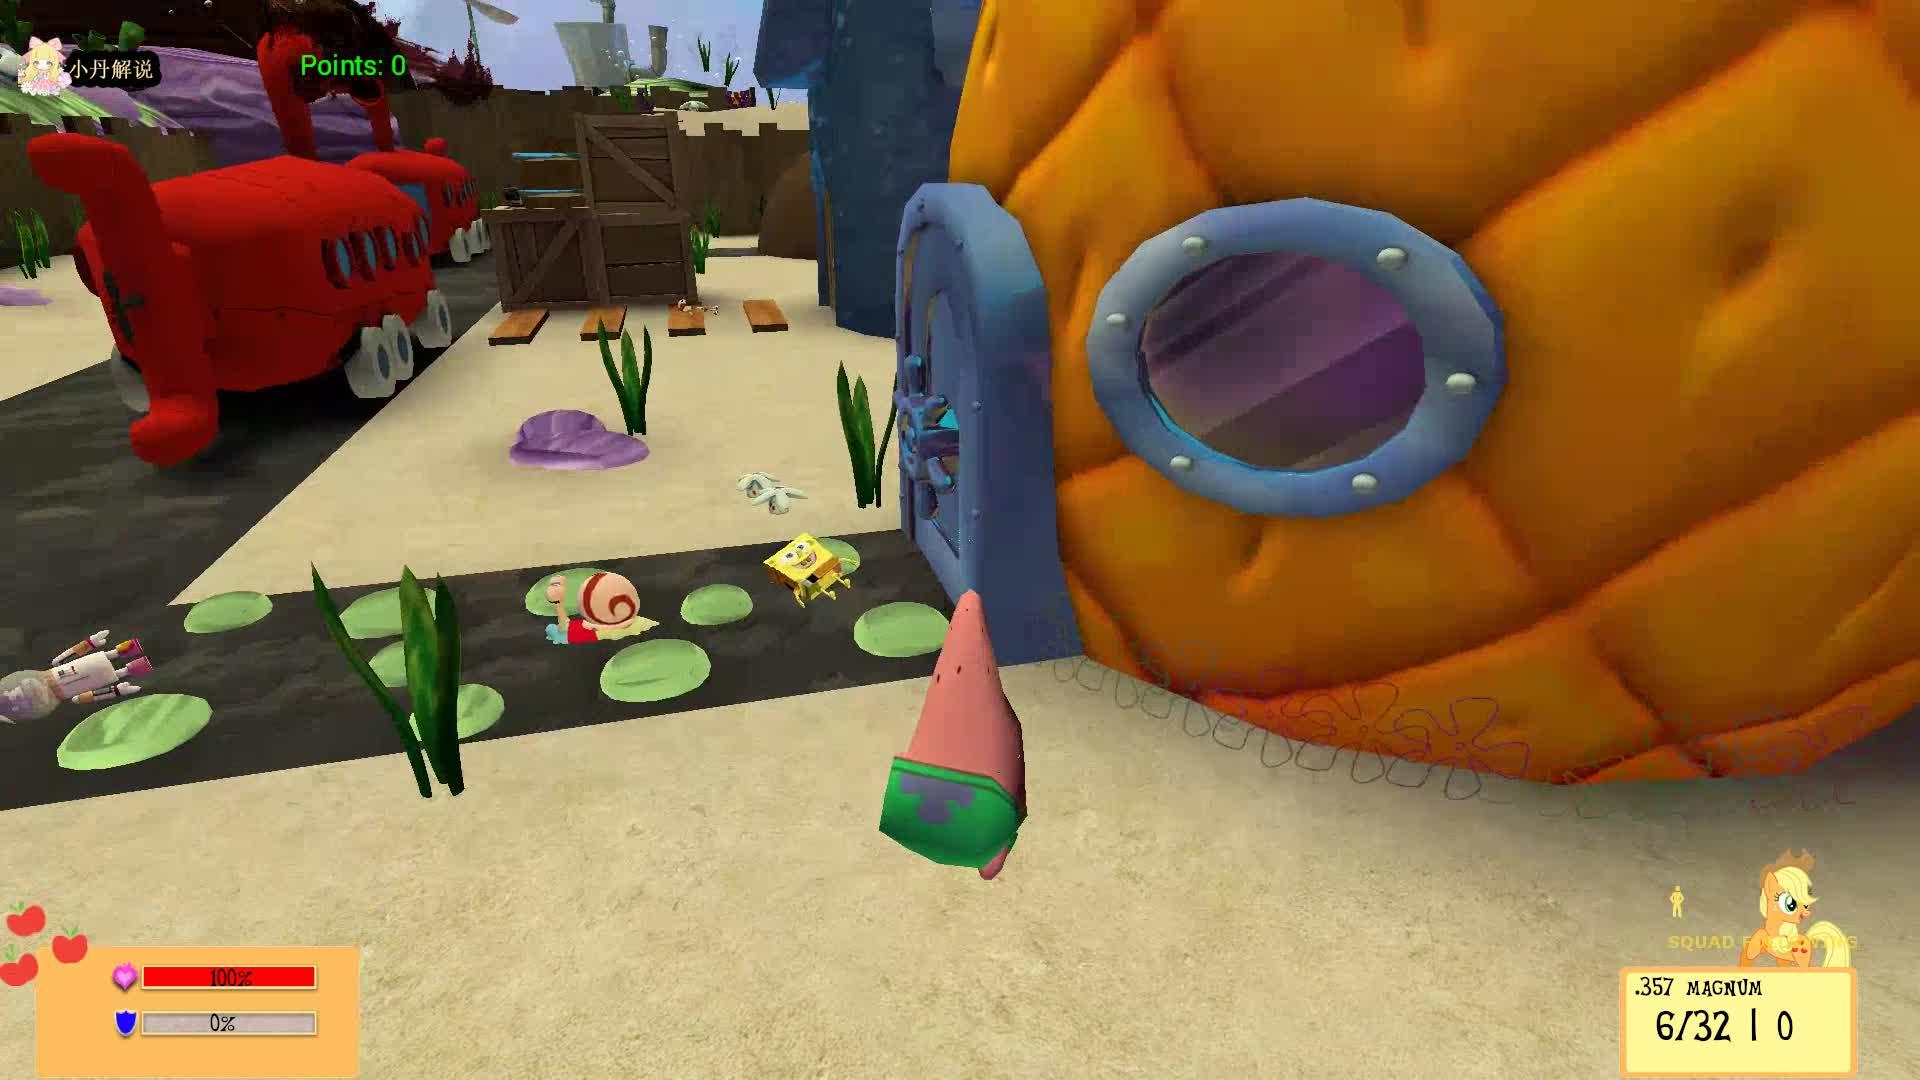 海绵宝宝派大星偷吃蟹老板的汉堡-gmod我的世界视频大全-mc小丹